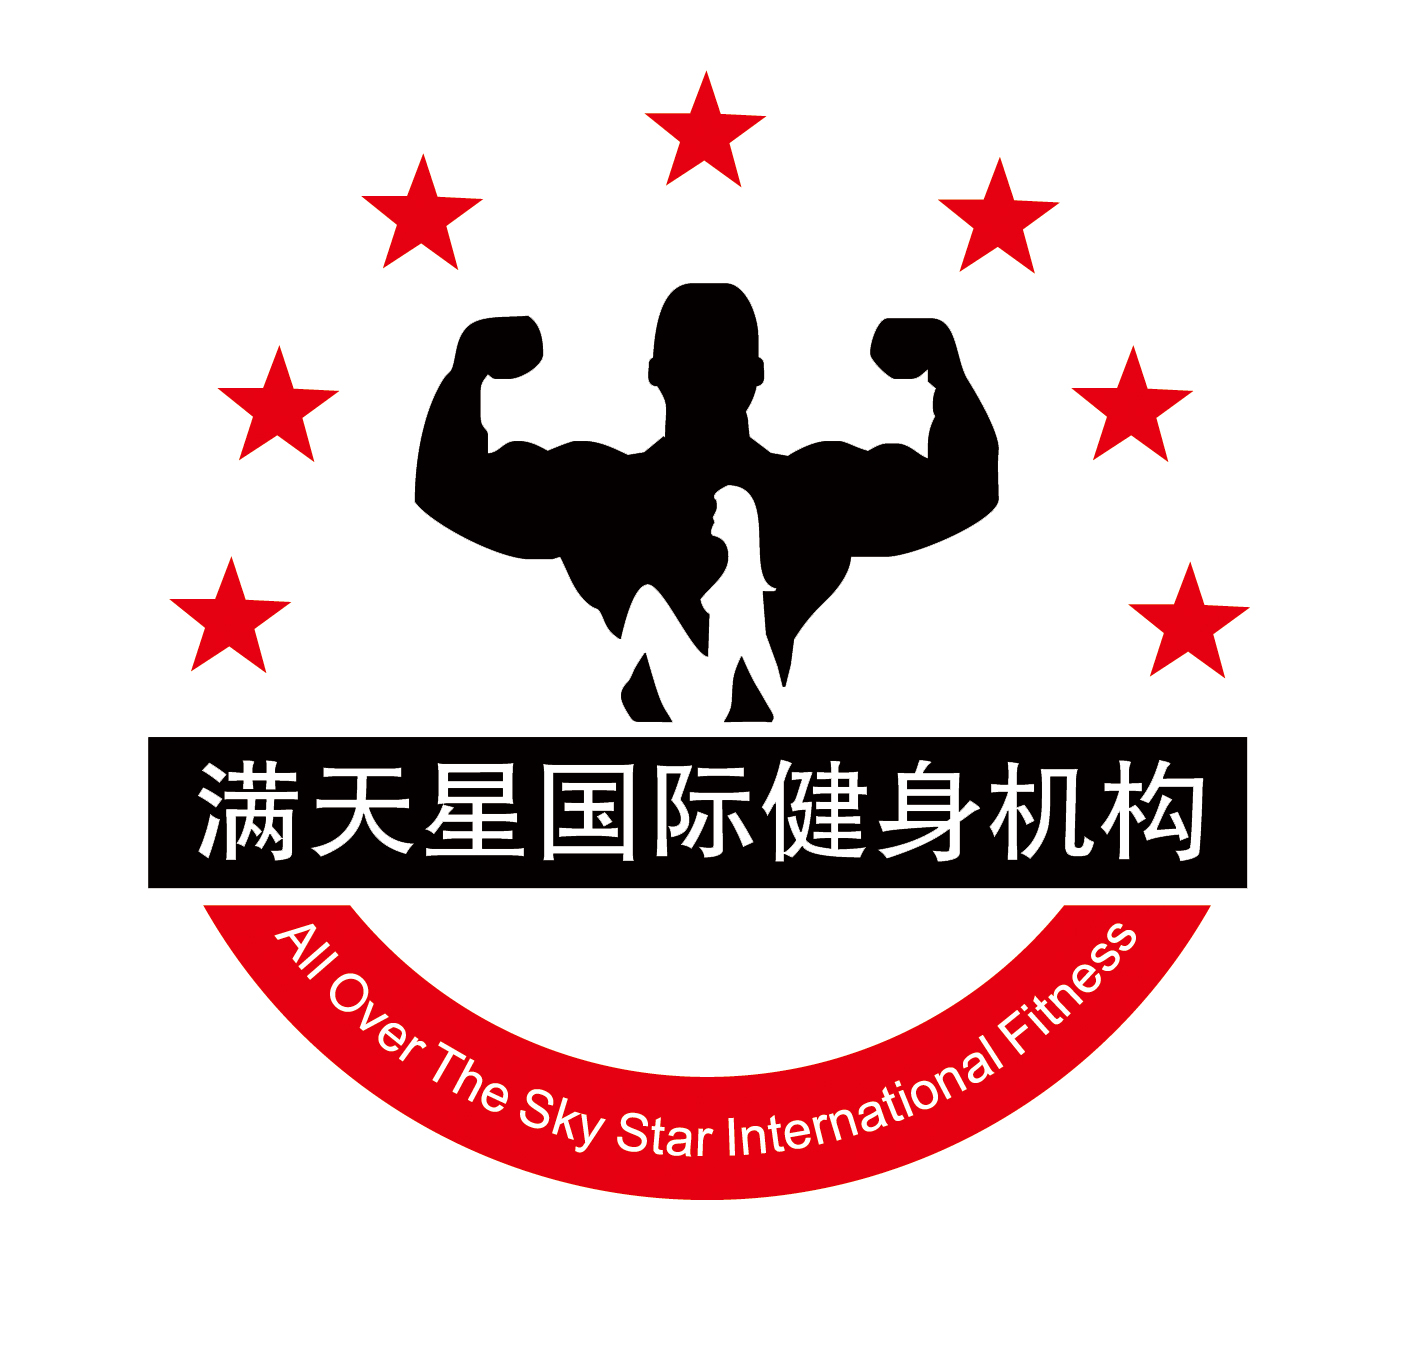 哈尔滨满天星欢乐云谷国际健身俱乐部有限公司